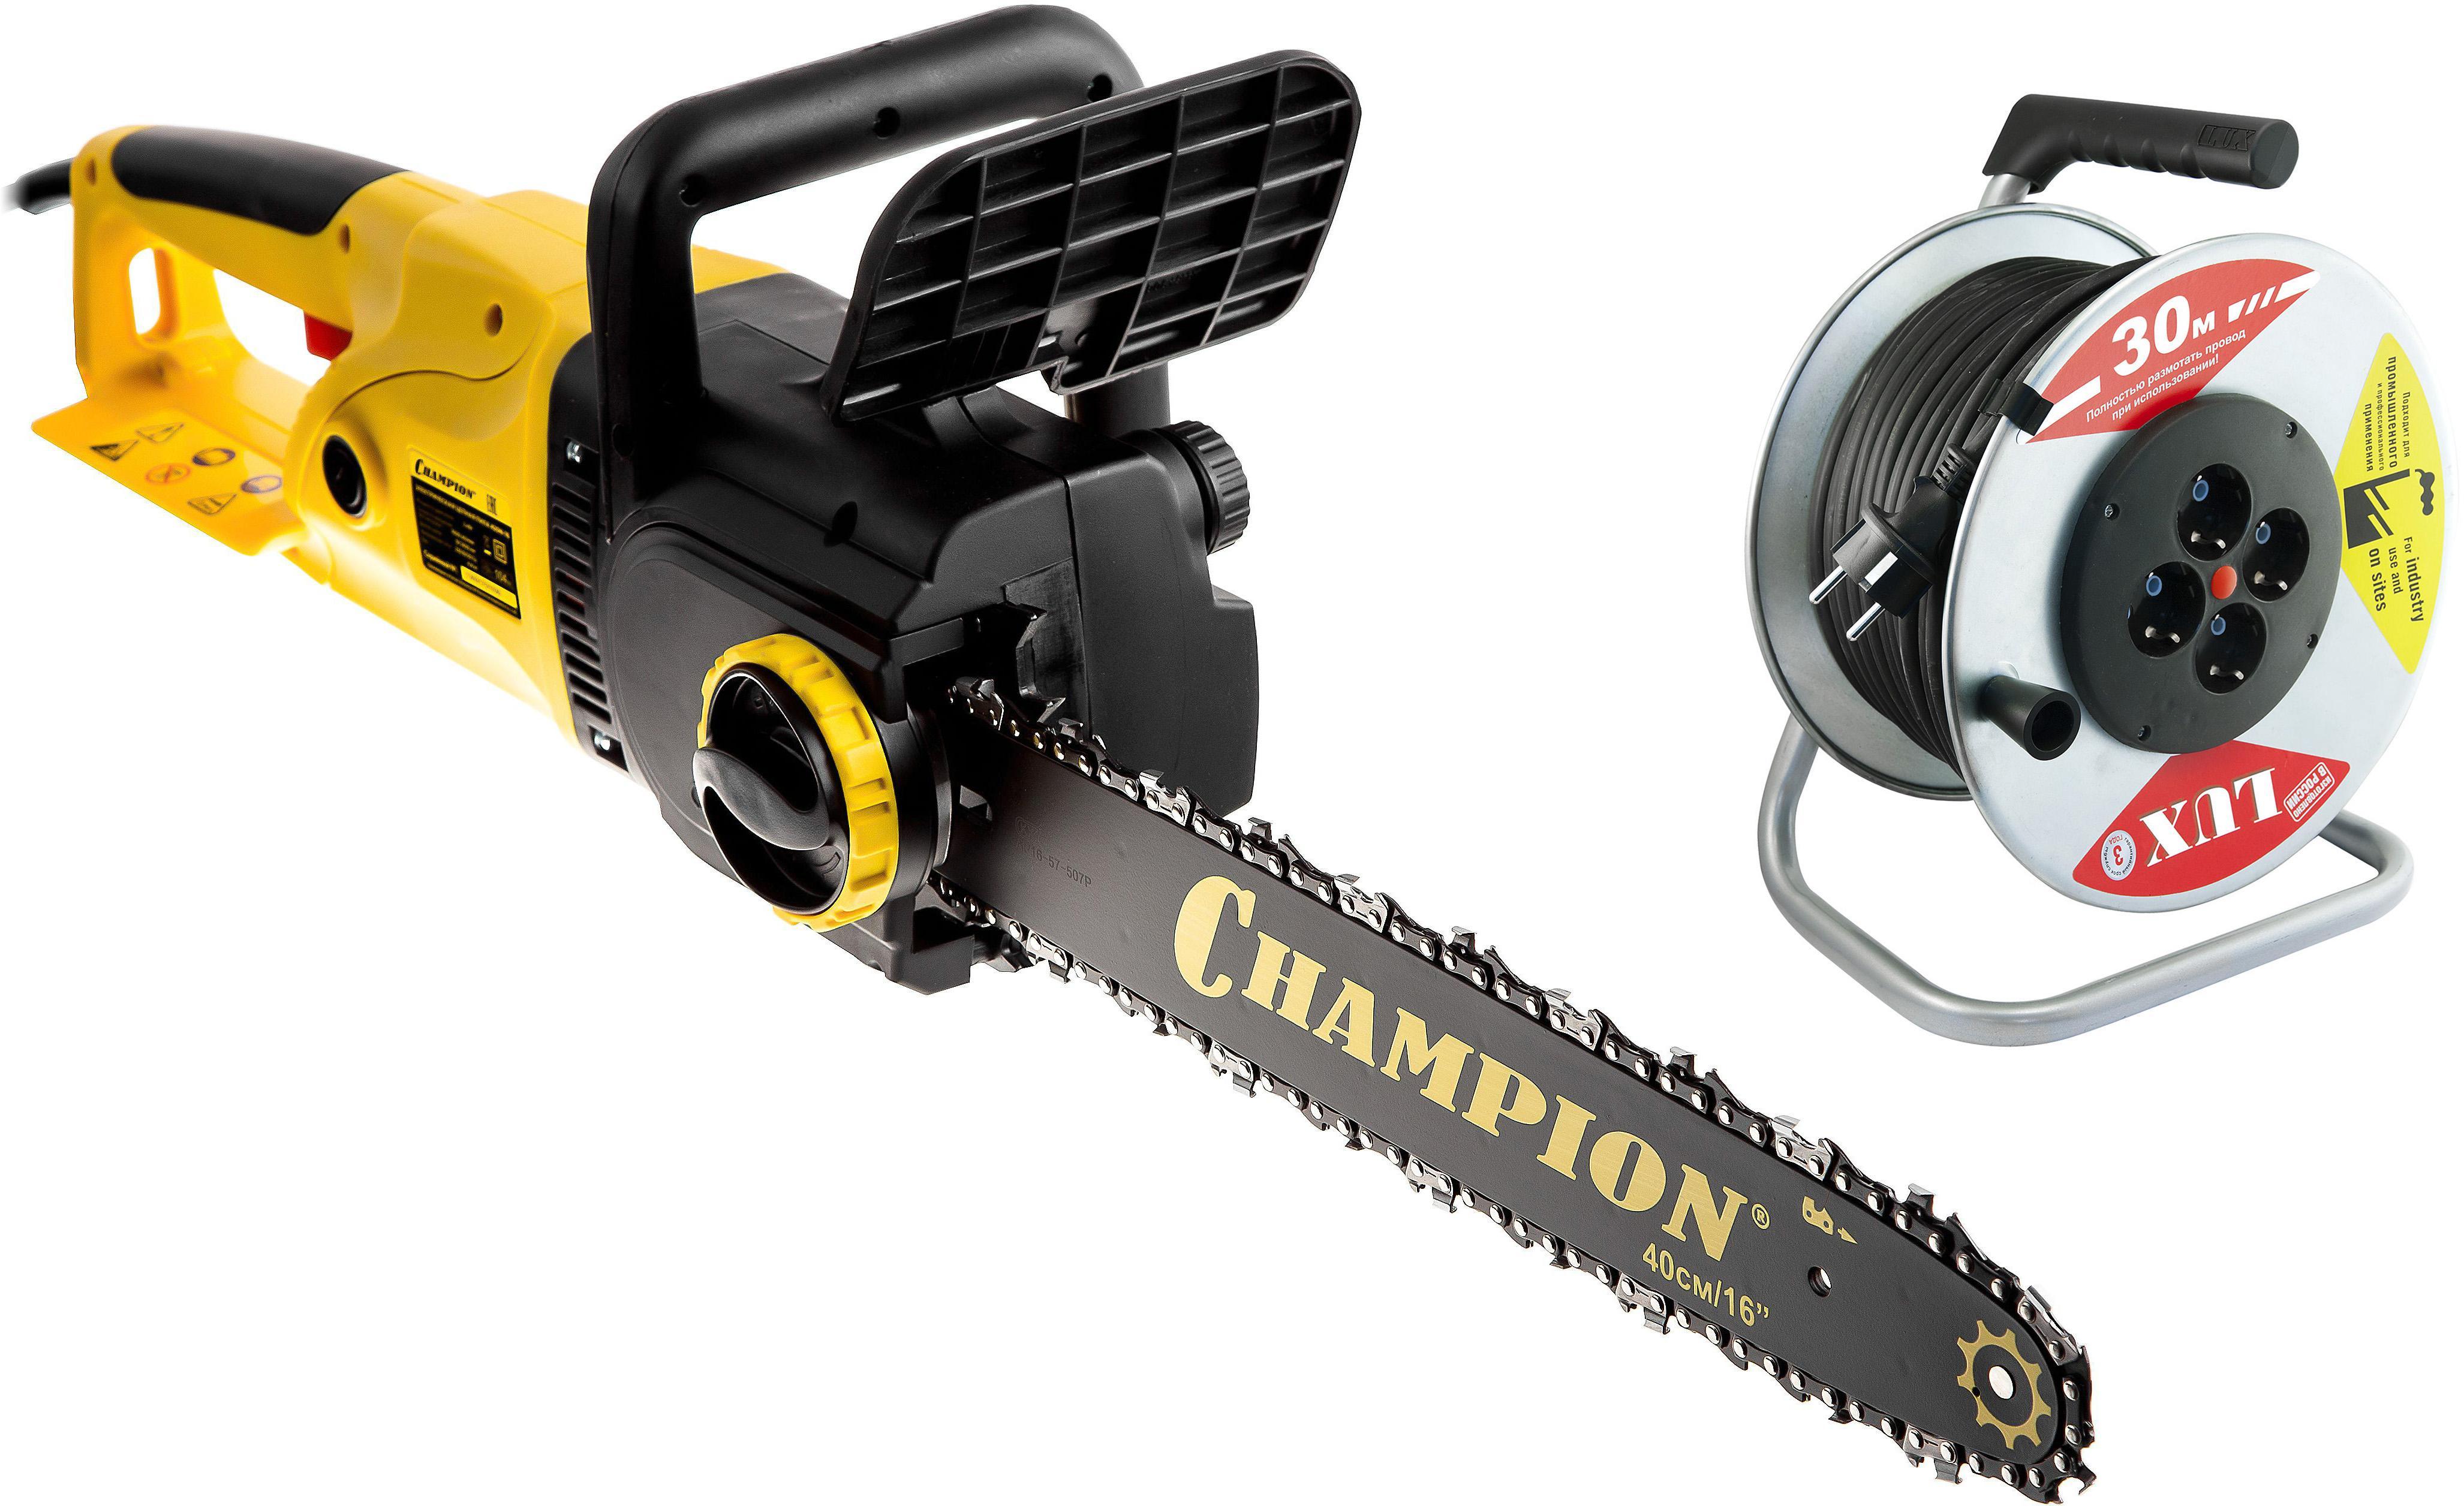 Набор Champion Пила цепная 420n-16 +Удлинитель 45130 пила champion 237 16